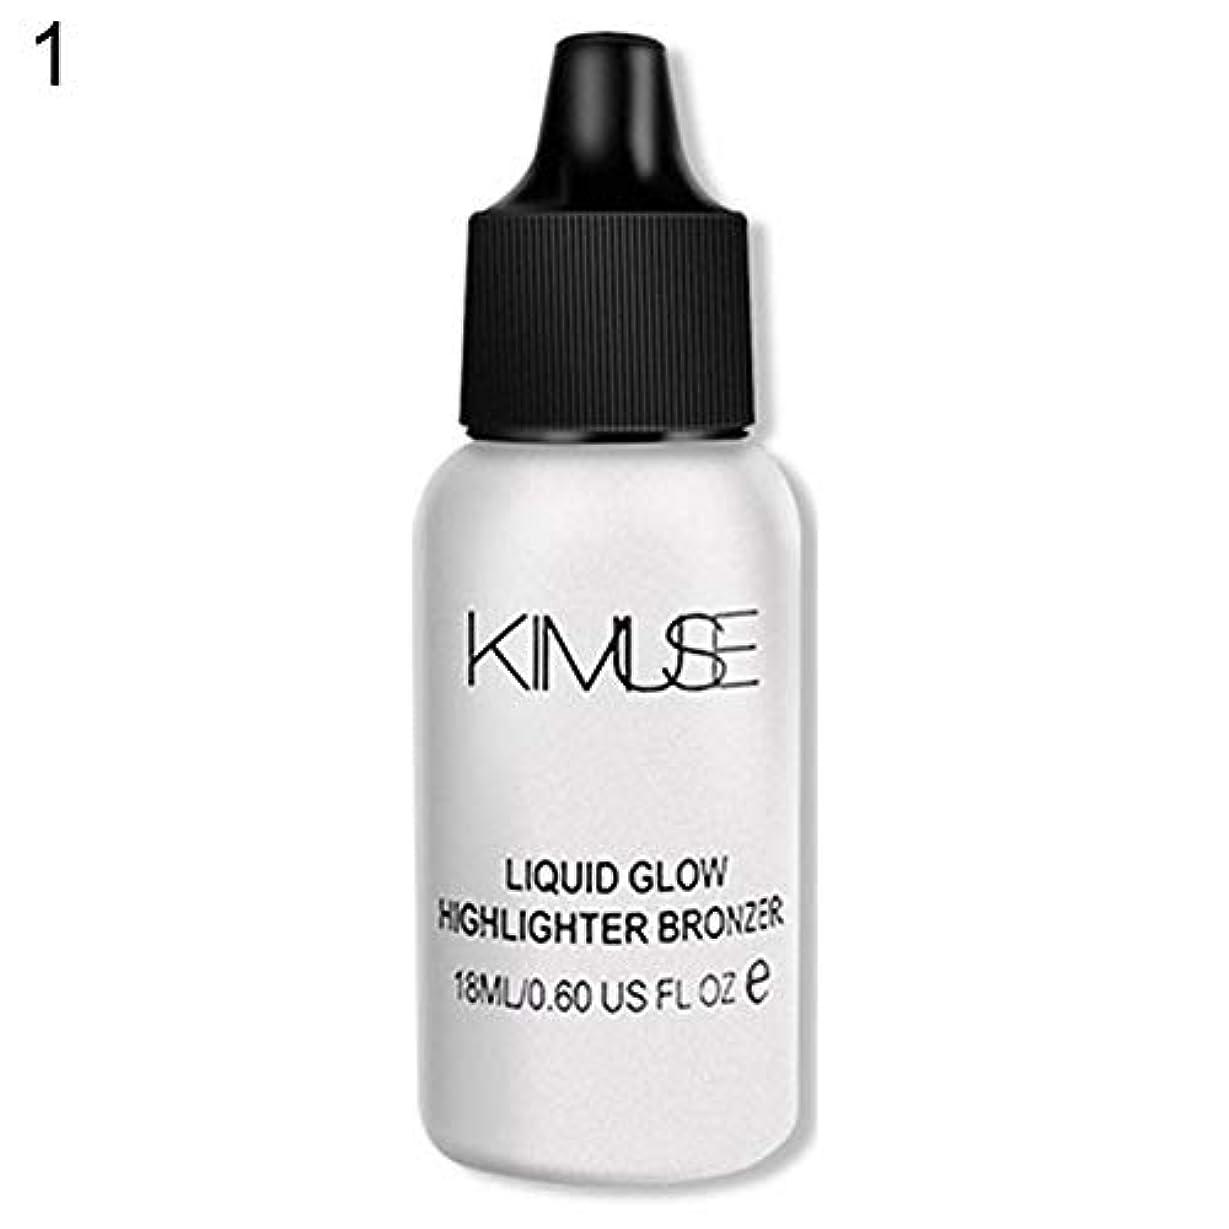 アルファベット順ほとんどの場合ブリーク3D液体顔輪郭ファンデーション蛍光ペンオイルコントロールメイク - 1